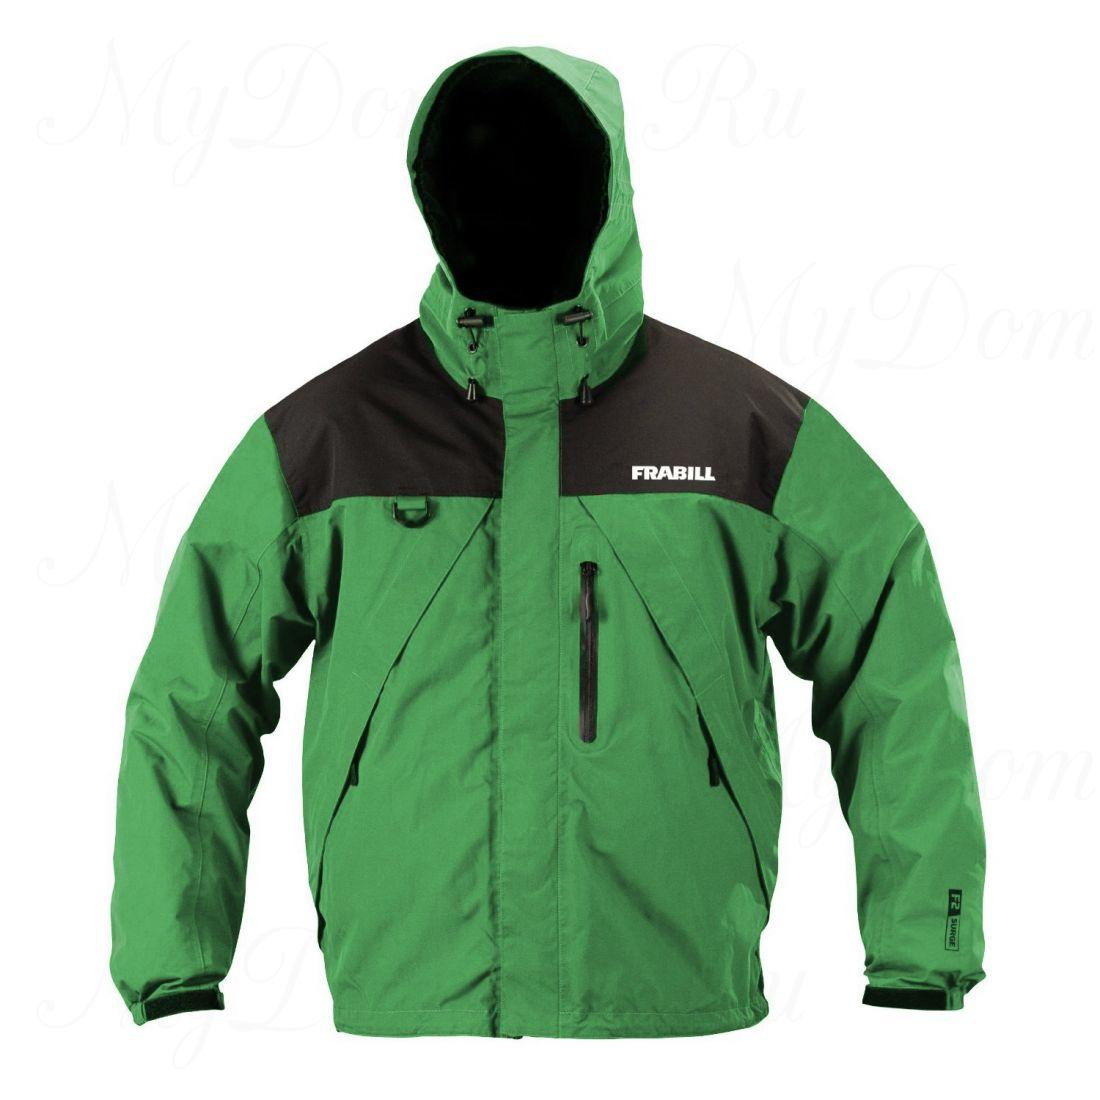 Куртка штормовая Frabill F2 Surge RainSuit Jacket Green размер 3XL